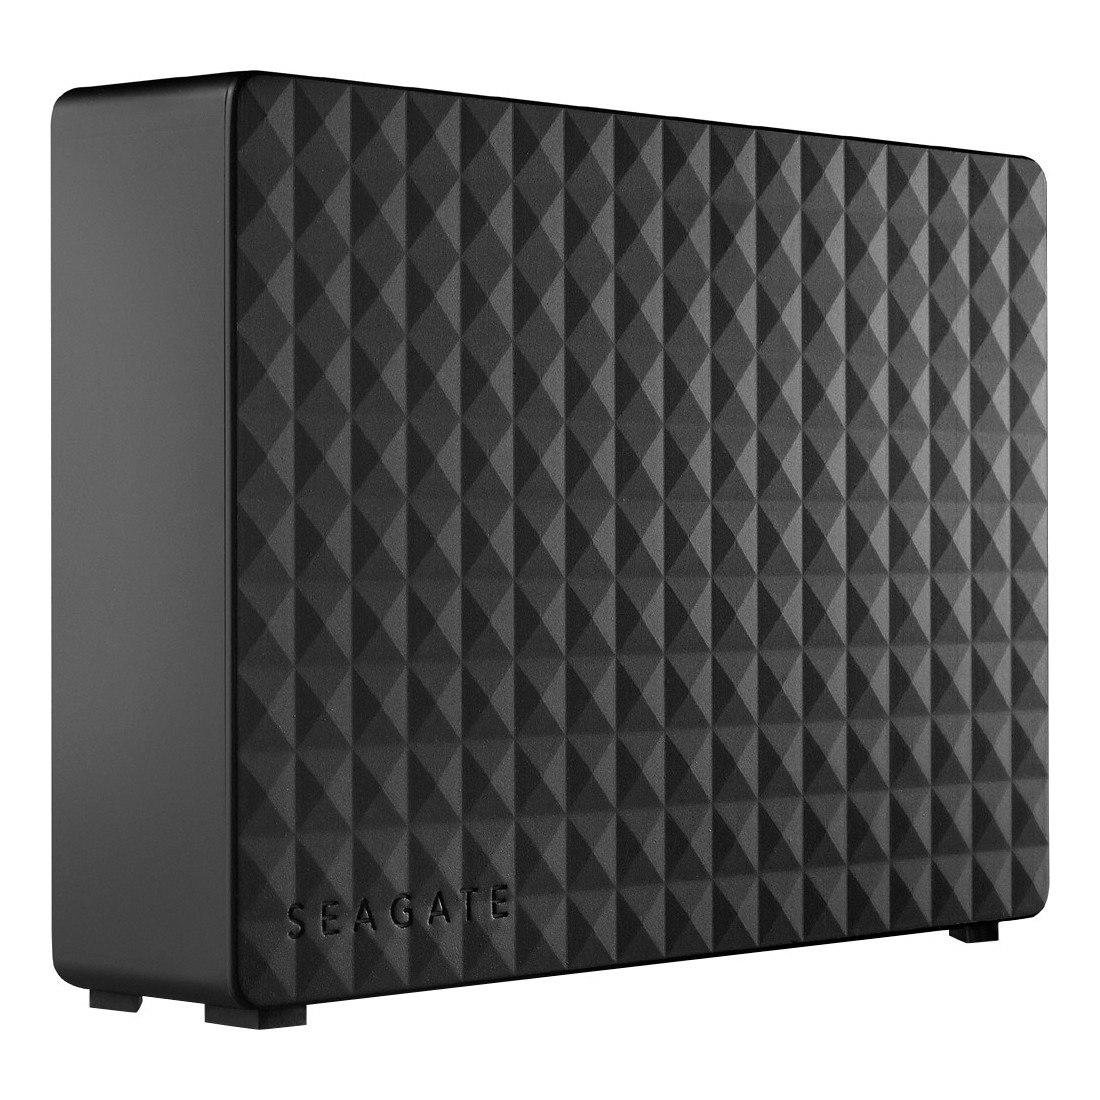 Seagate Expansion STEB3000300 3 TB Hard Drive - External - Desktop